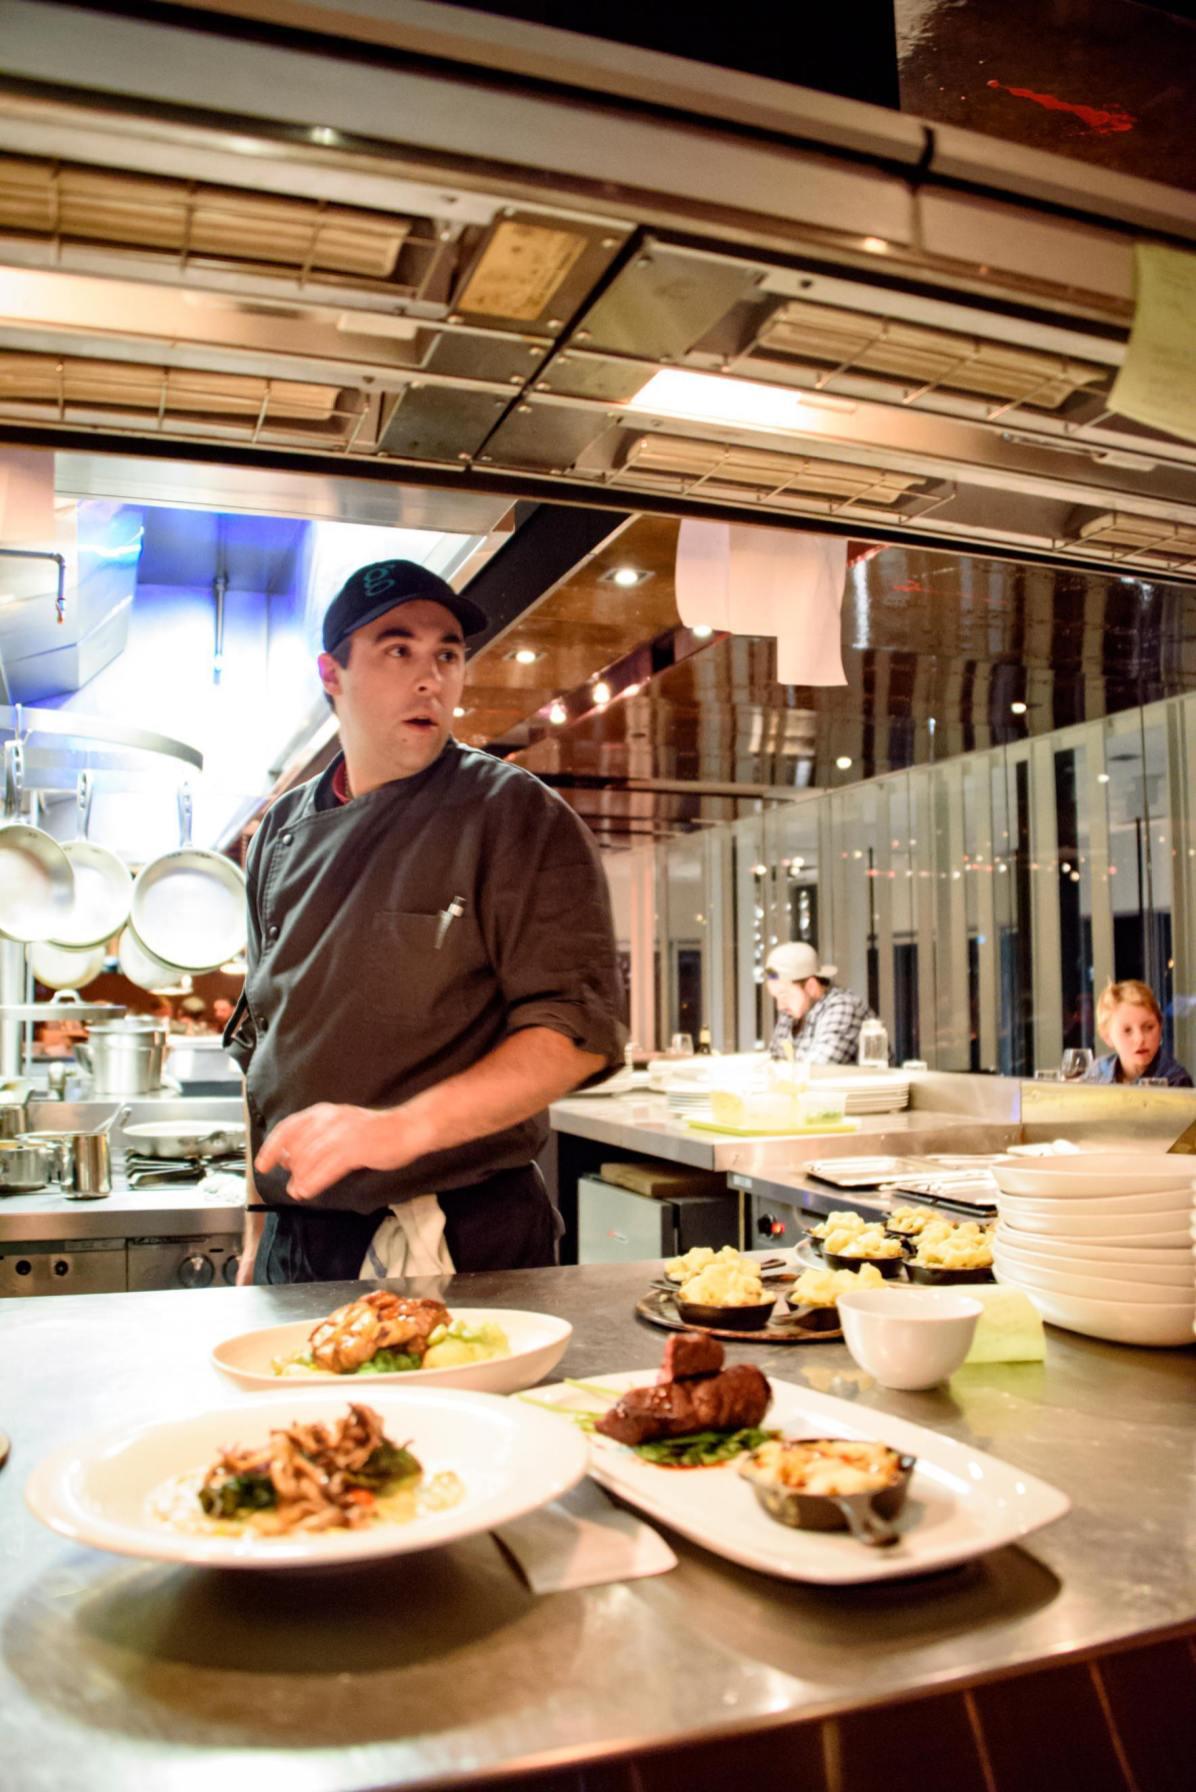 Voyager au Québec: Chef Sylvain Dervieux dans sa cuisine